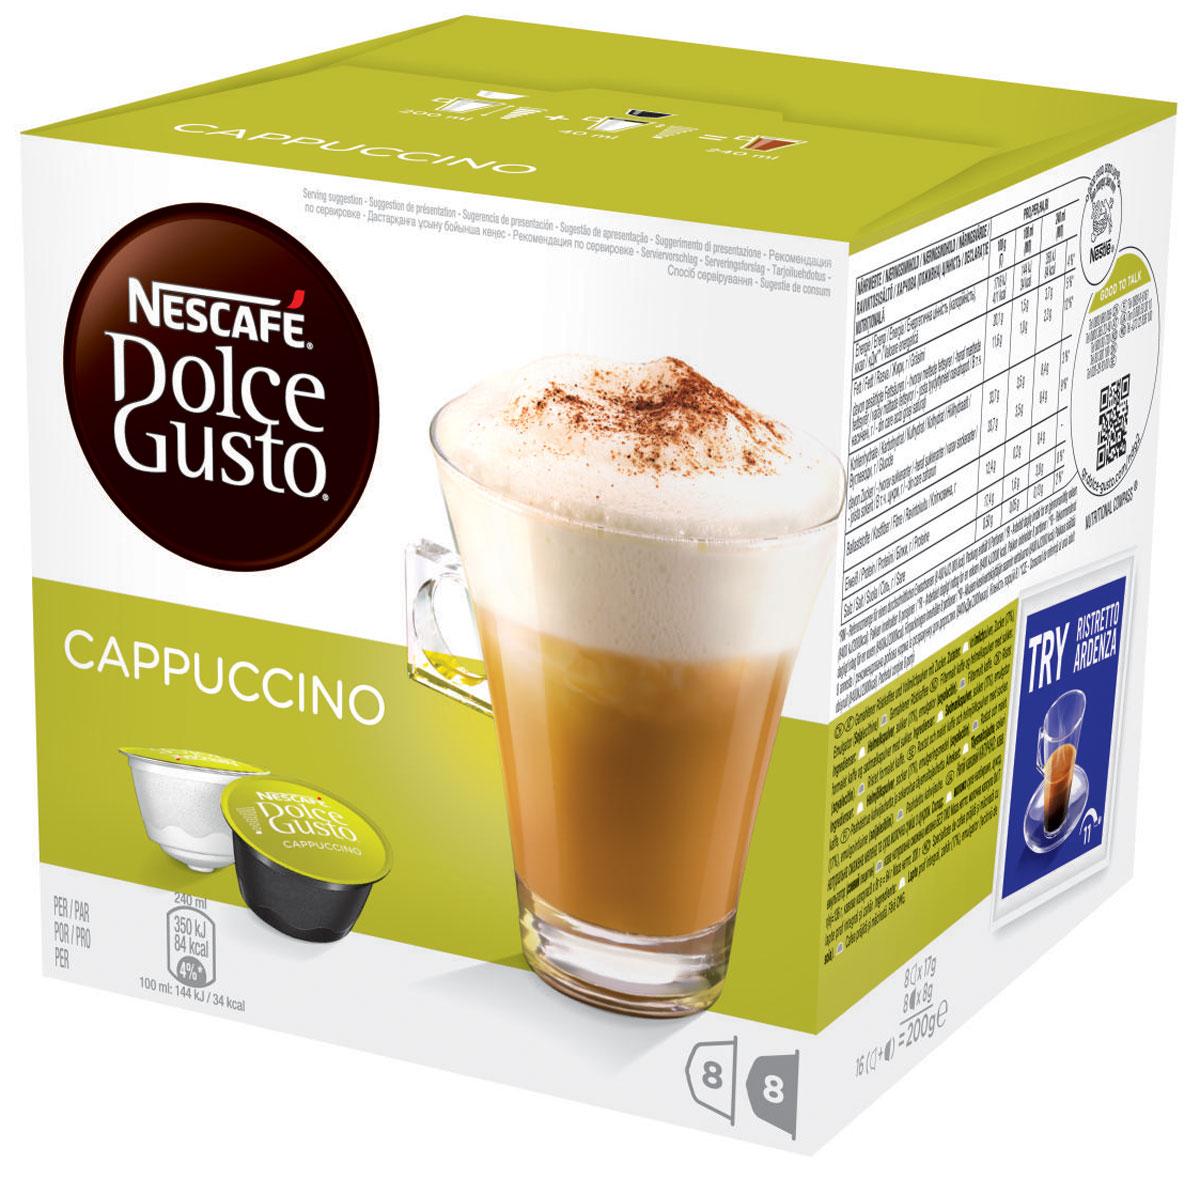 Nescafe Dolce Gusto Cappuccino кофе в капсулах, 16 шт5219849Несомненный образец классика – великолепный капучино всегда в фаворе у всех любителей кофе. Глубокий вкус эспрессо в сочетании с бархатистой пеной и фактурным молоком делают этот напиток великолепным удовольствием снова и снова, по какому бы случаю его ни пили. Гармония темного обжаренного кофе и молока означает, что вам просто нечего добавить в это великолепный напиток. Менее молочный, чем латте, но более воздушный, чем эспрессо... Мягкая текстура капучино – это то, что вы не сможете забыть, если хоть раз попробуете его. Идеальный капучино многослоен, но расслабляет, он легко пьется, а температура как раз позволяет сохранить незабываемый вкус. Благодаря этому он стал основным напитком в коллекции капсул для любого владельца кофемашины Nescafe Dolce Gusto: популярный среди друзей и близких и абсолютно идеальный для отдыха и расслабления, когда вам нужен перерыв.В состав входят:8 капсул с натуральным жареным молотым кофе8 капсул с сухим цельным молоком, сахаром, эмульгатором (соевый лецитин)Кофе: мифы и факты. Статья OZON Гид